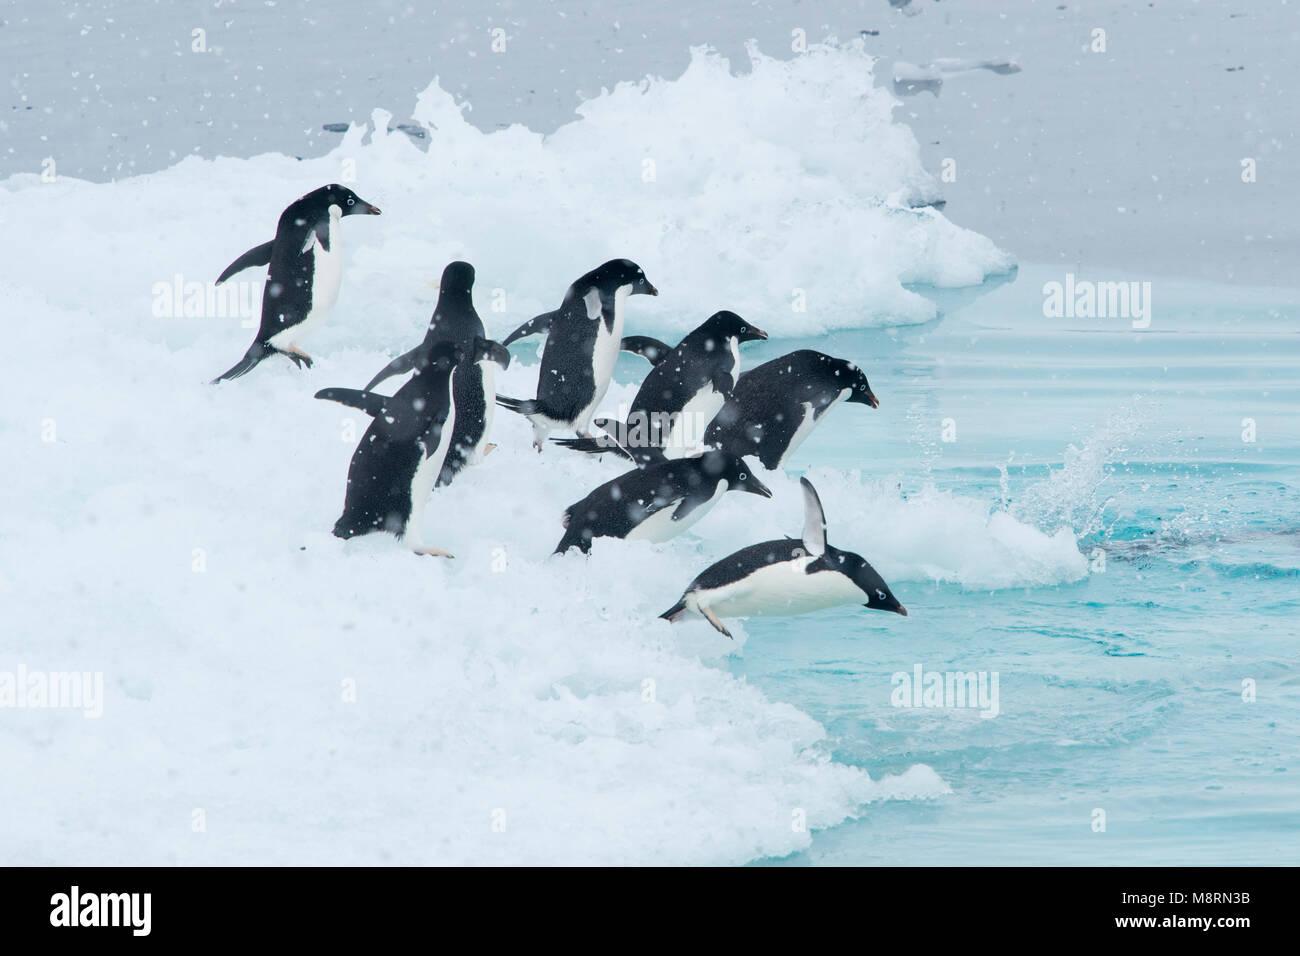 Un gruppo di pinguini Adelie immergersi nell'oceano da un iceberg in Antartide. Immagini Stock